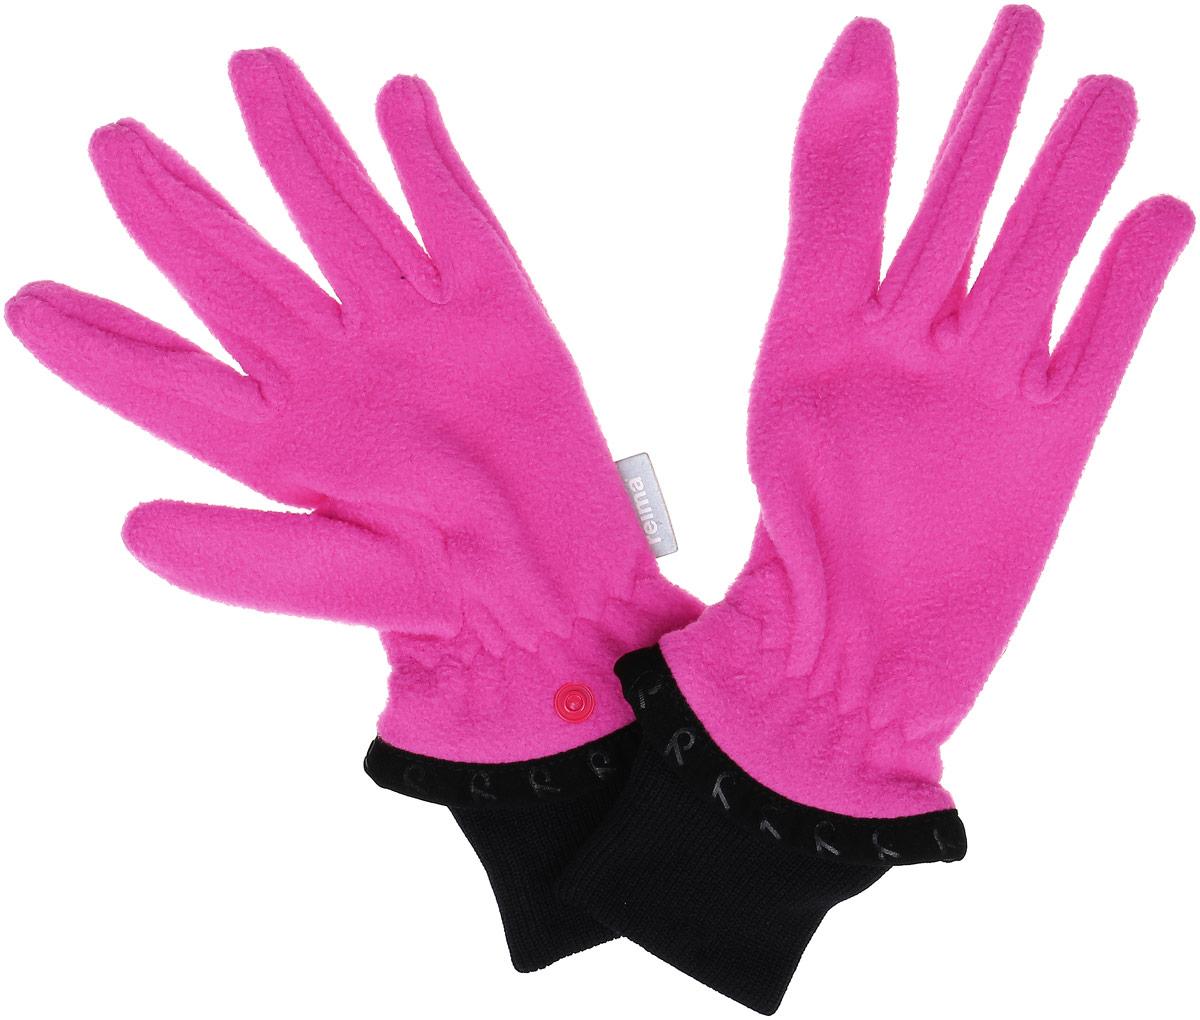 Перчатки детские Reima Tollense, цвет: розовый. 527191-4620A-007. Размер 7527191-4620AДетские флисовые перчатки Reima Tollense согреют ручки вашего ребенка в холодную погоду. Флисовый материал - теплый и мягкий на ощупь. Эластичные ребристые манжеты перчаток плотно облегают и хорошо смотрятся. Благодаря кнопкам вы легко можете соединить перчатки вместе для удобства хранения.В ясные осенние и весенние дни эти перчатки – сами по себе великолепный выбор для игр на воздухе, в то время как зимой их можно одеть под зимние варежки или перчатки для дополнительного тепла.